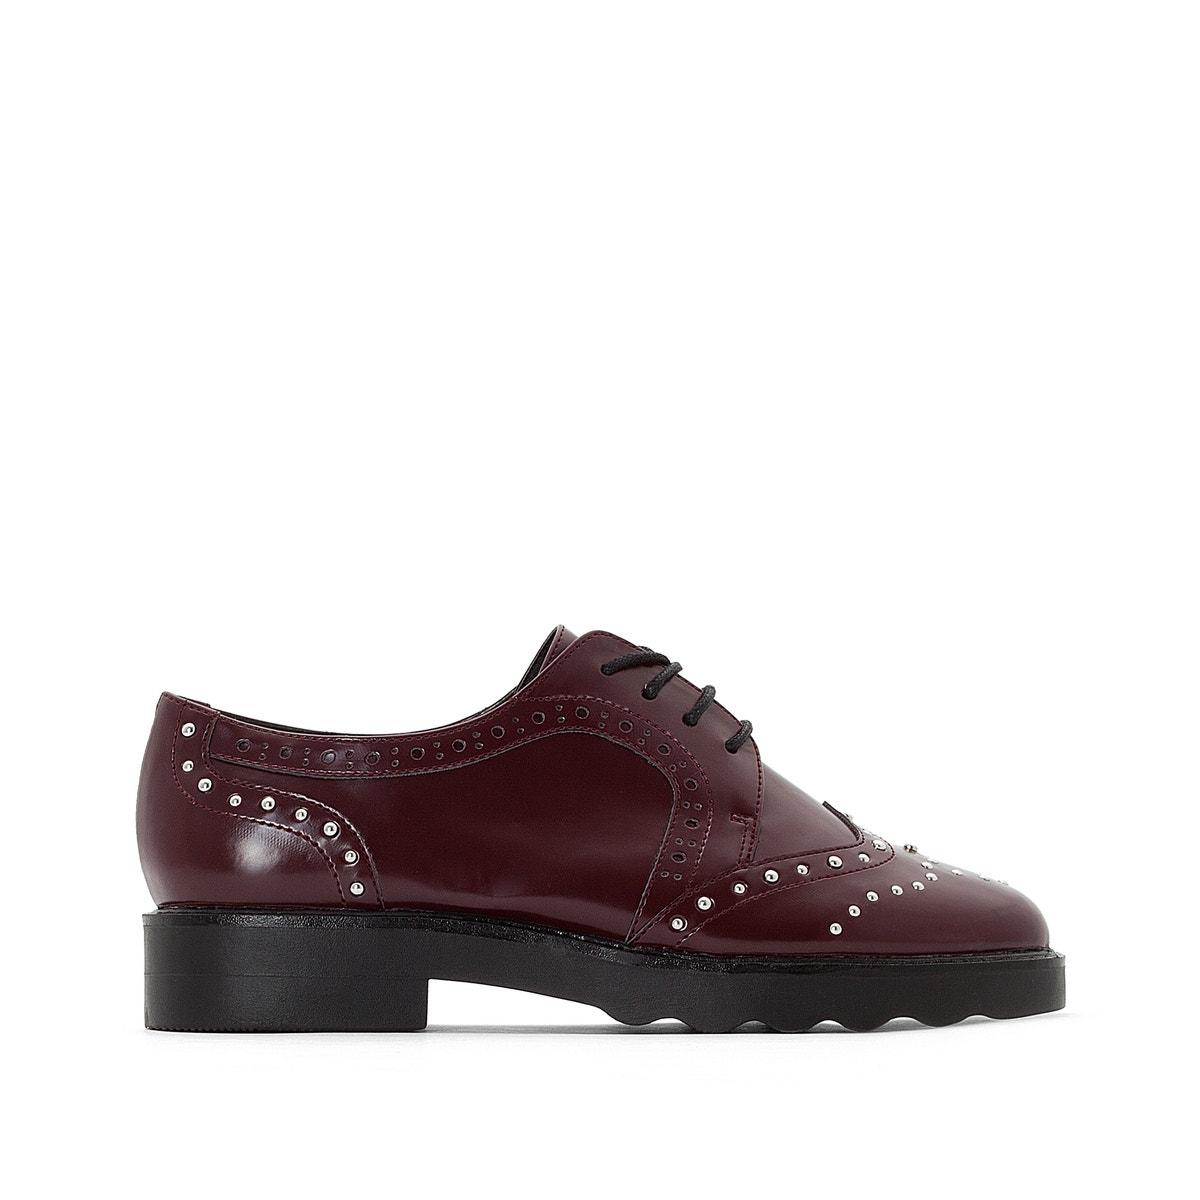 ΓΥΝΑΙΚΑ Παπούτσια Brogues Loafers 5a446f0fd61